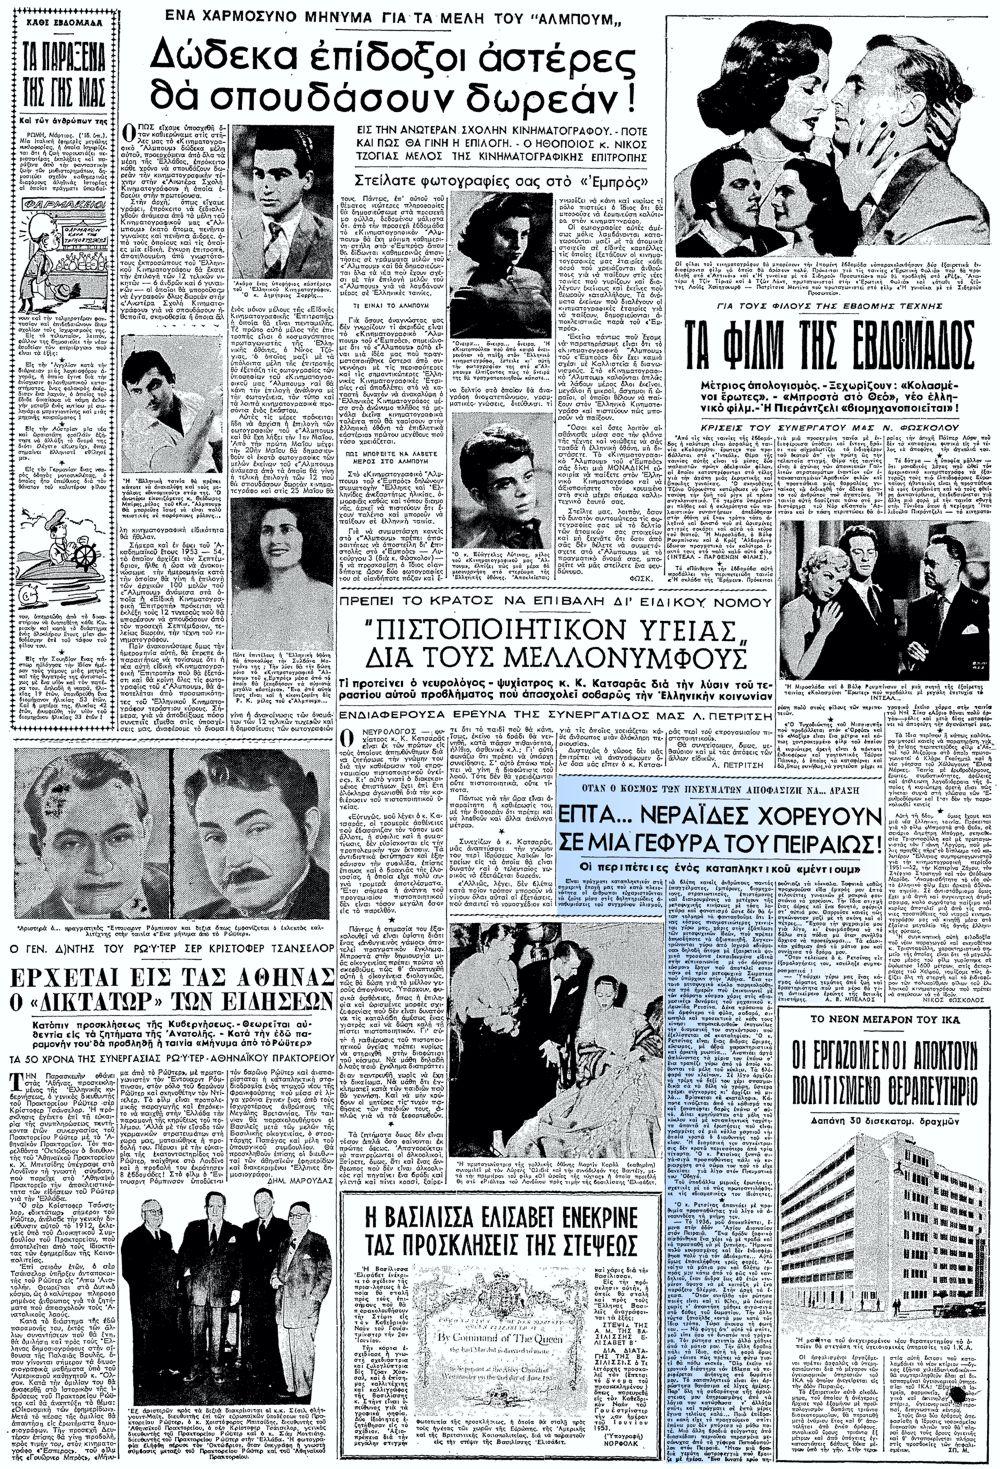 """Το άρθρο, όπως δημοσιεύθηκε στην εφημερίδα """"ΕΜΠΡΟΣ"""", την 11/03/1953"""